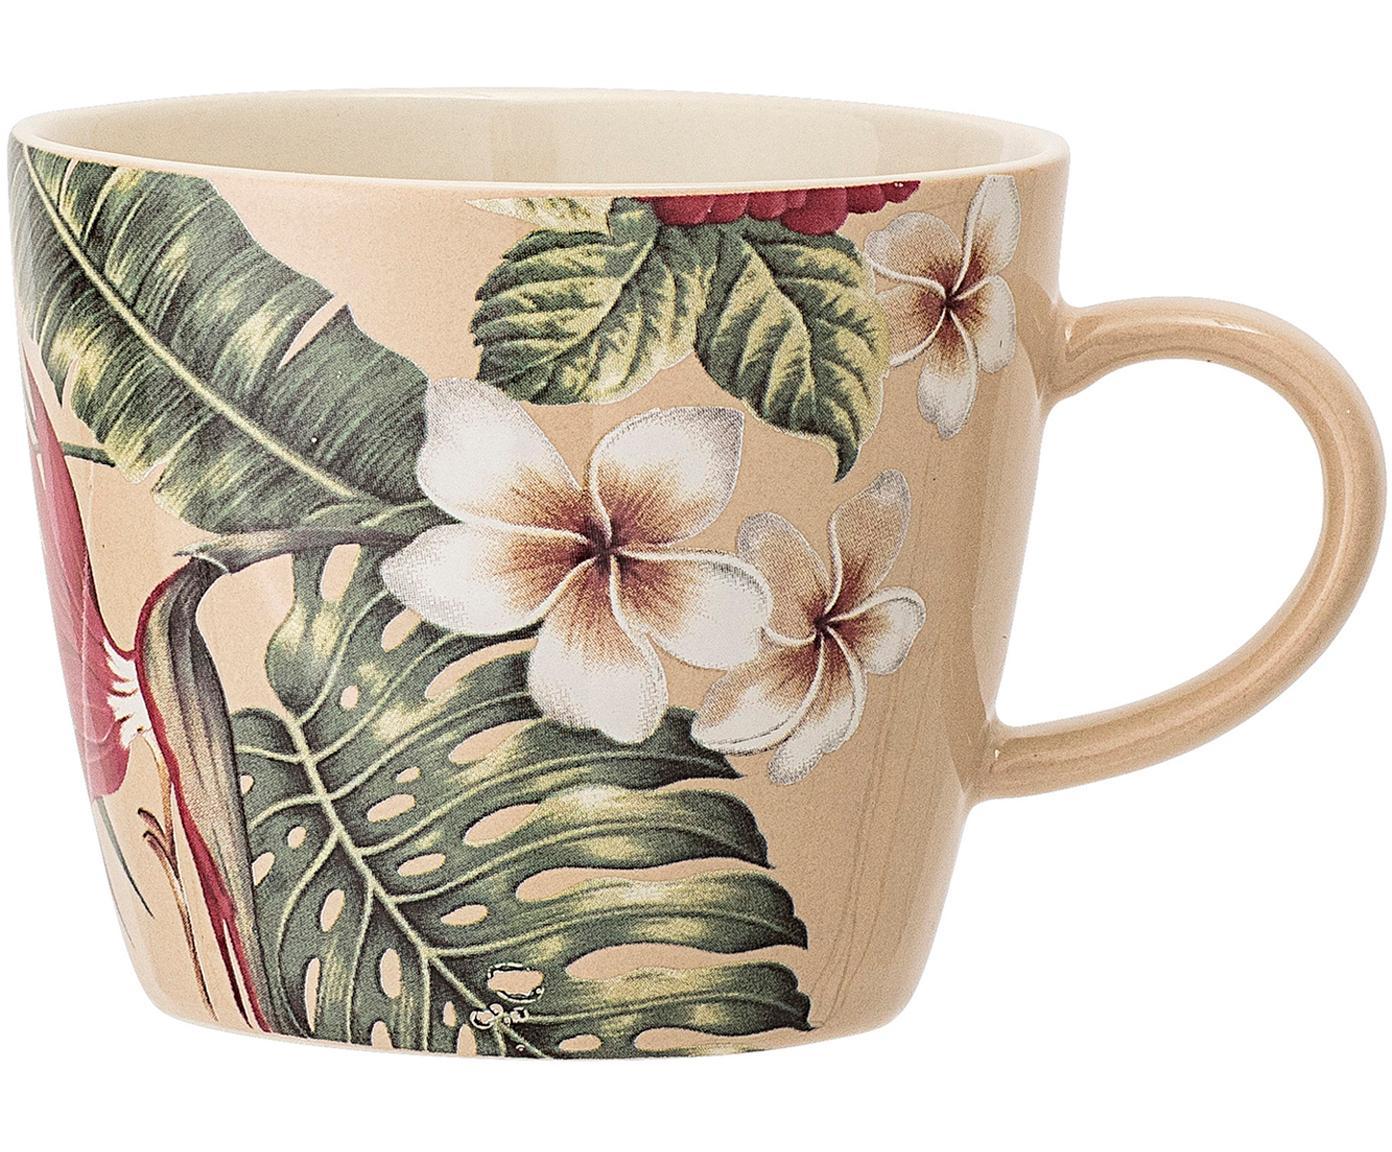 Kaffeetassen Aruba, 2 Stück, Steingut, Cremeweiss, Grün, Rot, Ø 10 x H 8 cm